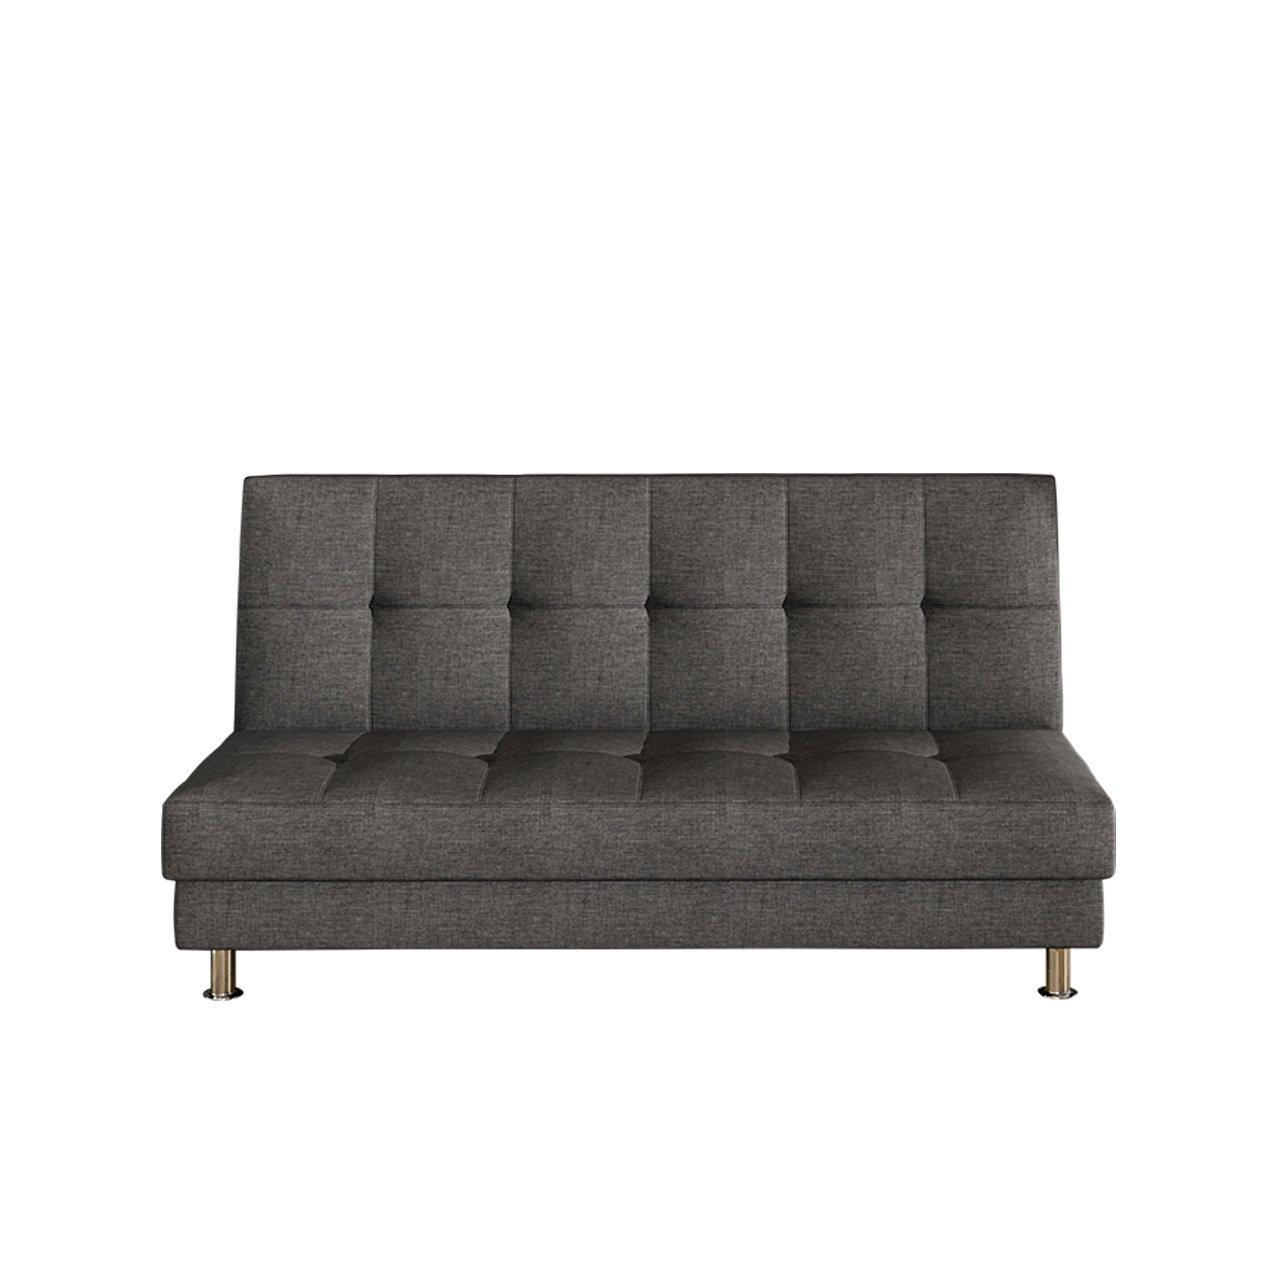 Fesselnde Klappcouch Mit Bettkasten Das Beste Von Modernes Sofa Endo Und Schlaffunktion, Funktionssofa, Lounge